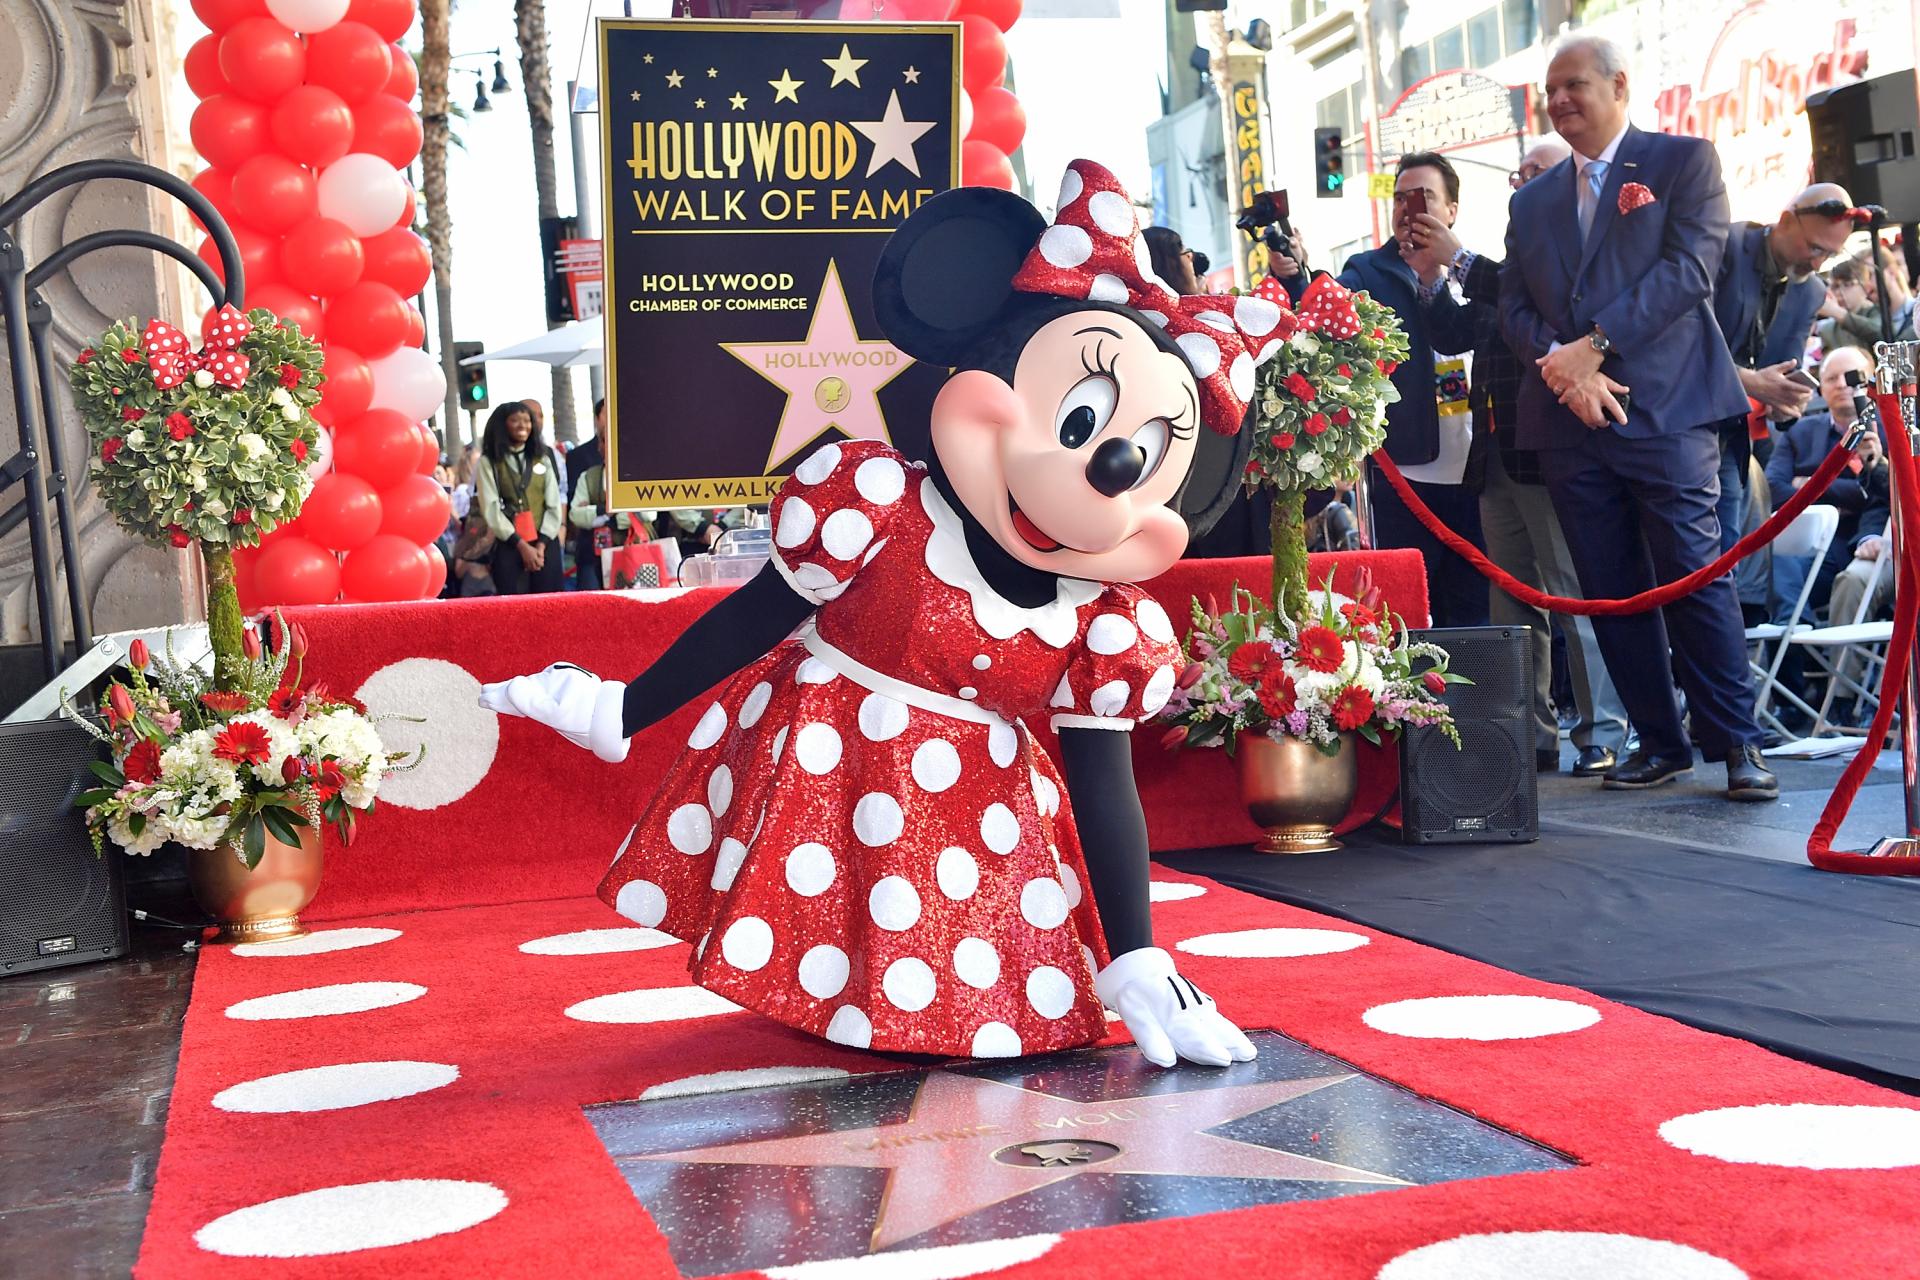 c5f1f060c7 Minnie Egér csillagot kapott a hollywoodi Hírességek sétányán - Starity.hu